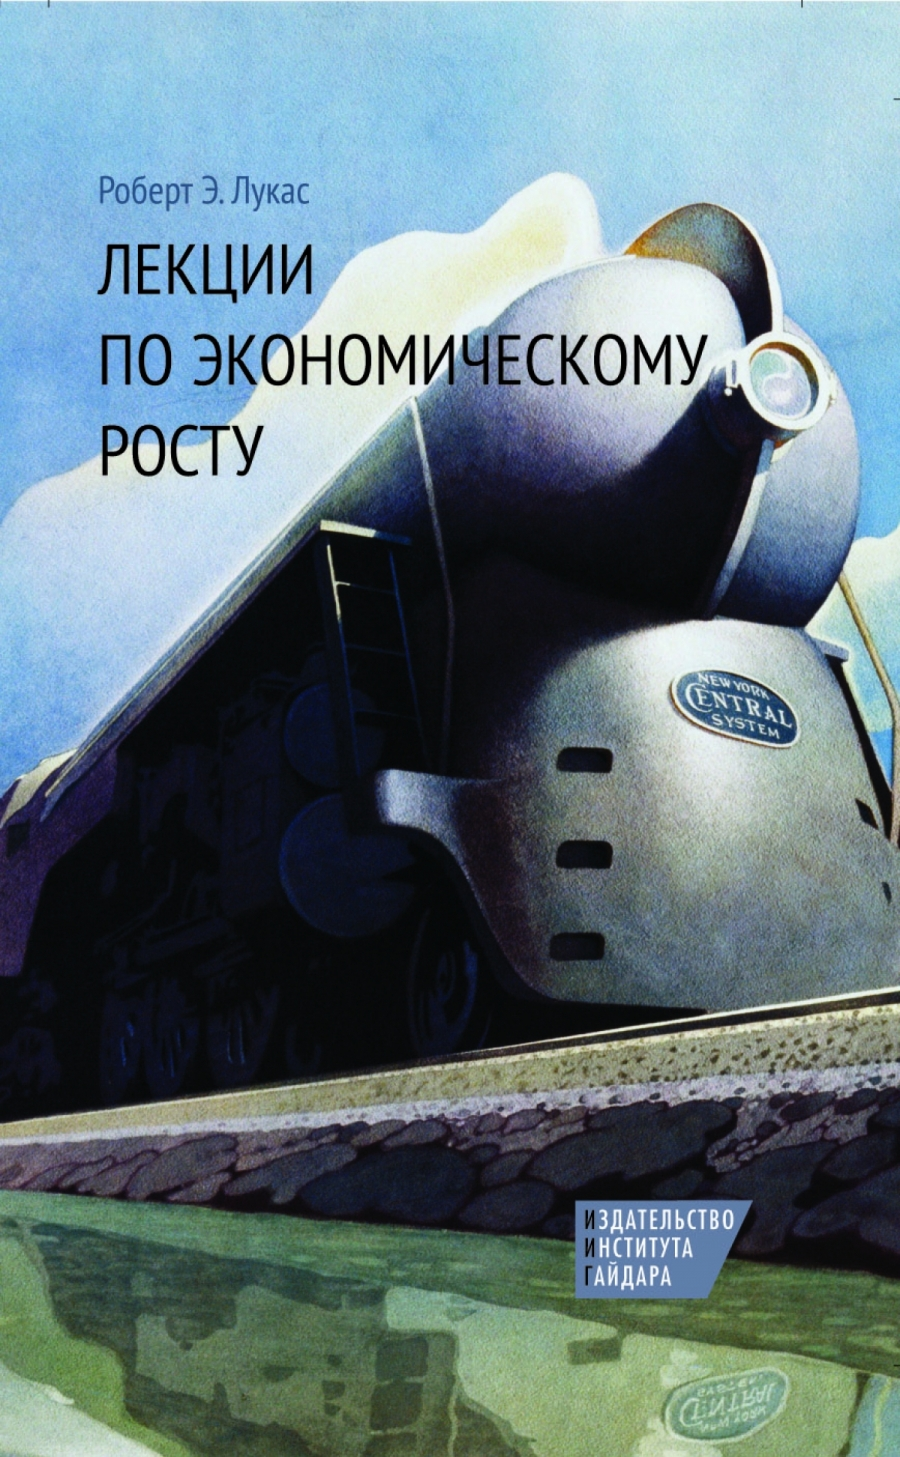 Обложка книги:  лукас р.э. - лекции по экономическому росту